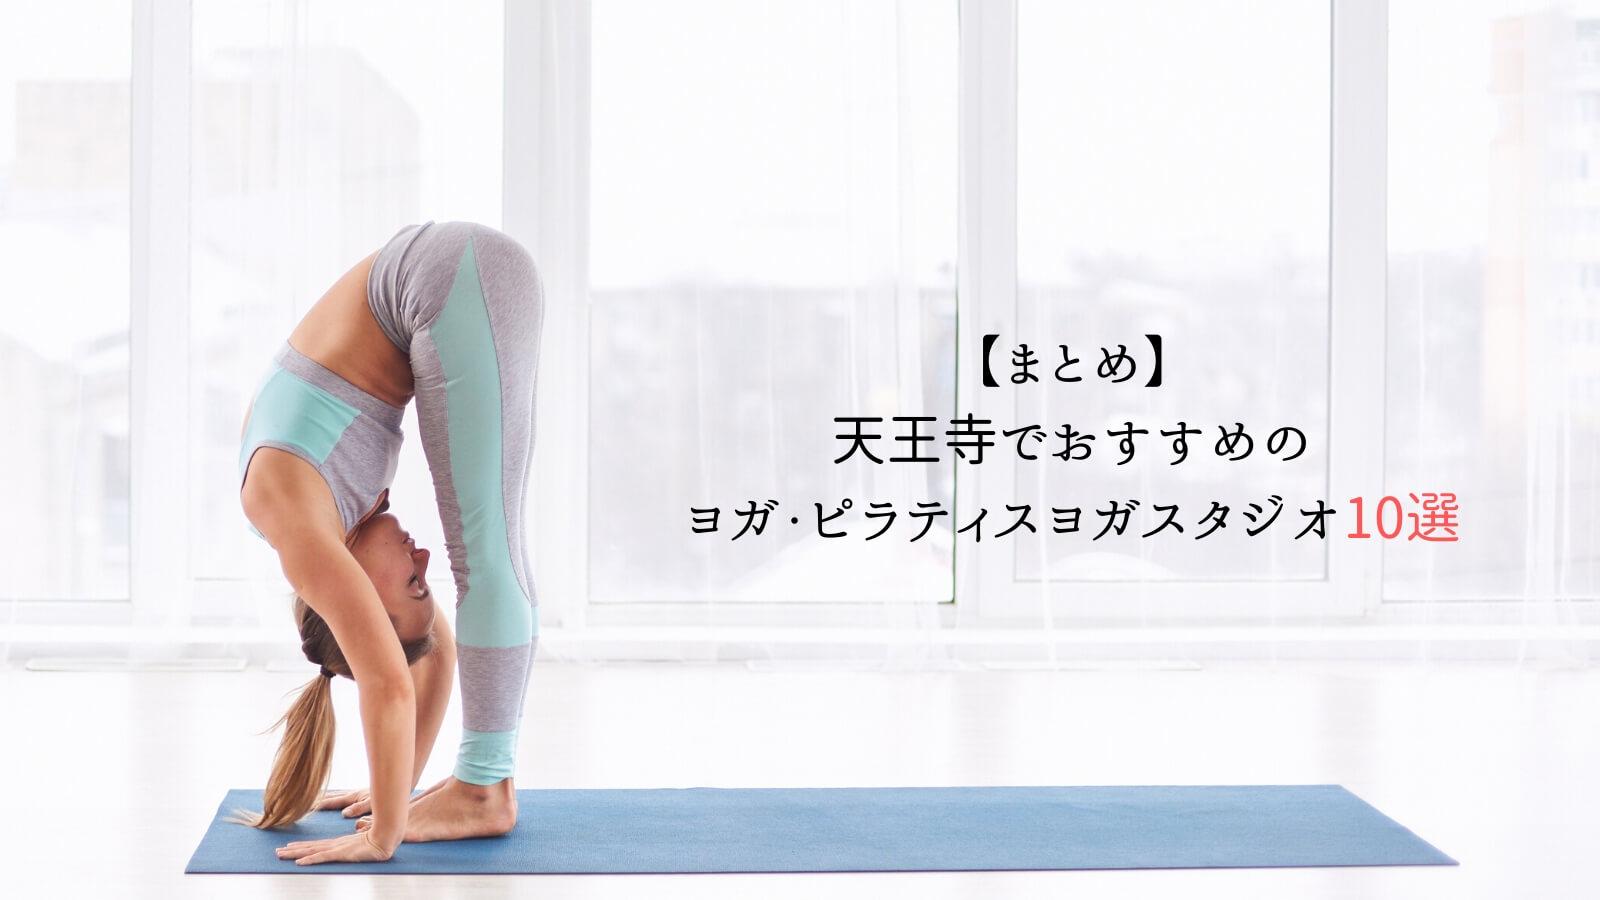 【まとめ】天王寺でおすすめのヨガ・ピラティススタジオ10選